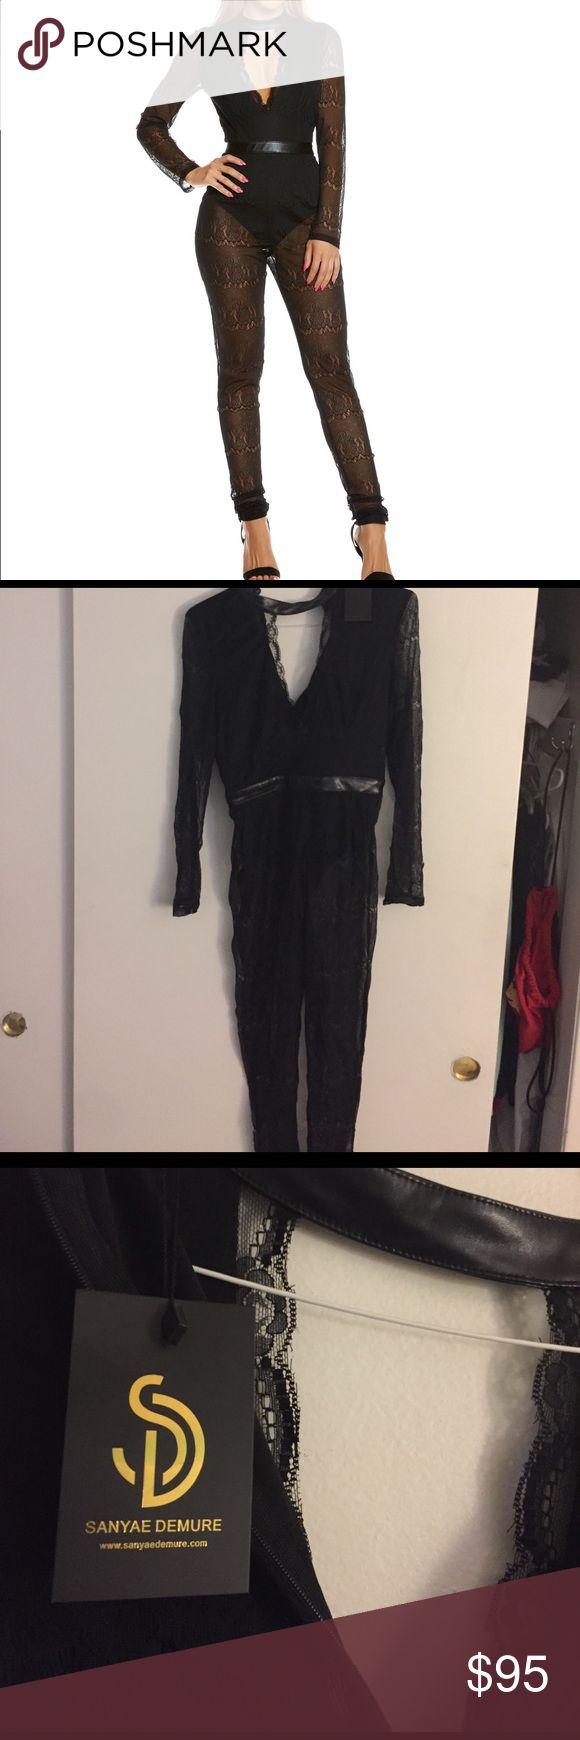 """""""Love Yourself"""" Black Jumpsuit Black lace jumpsuit with black bodysuit under connected. Plunging neckline Sanyae Demure Pants Jumpsuits & Rompers"""